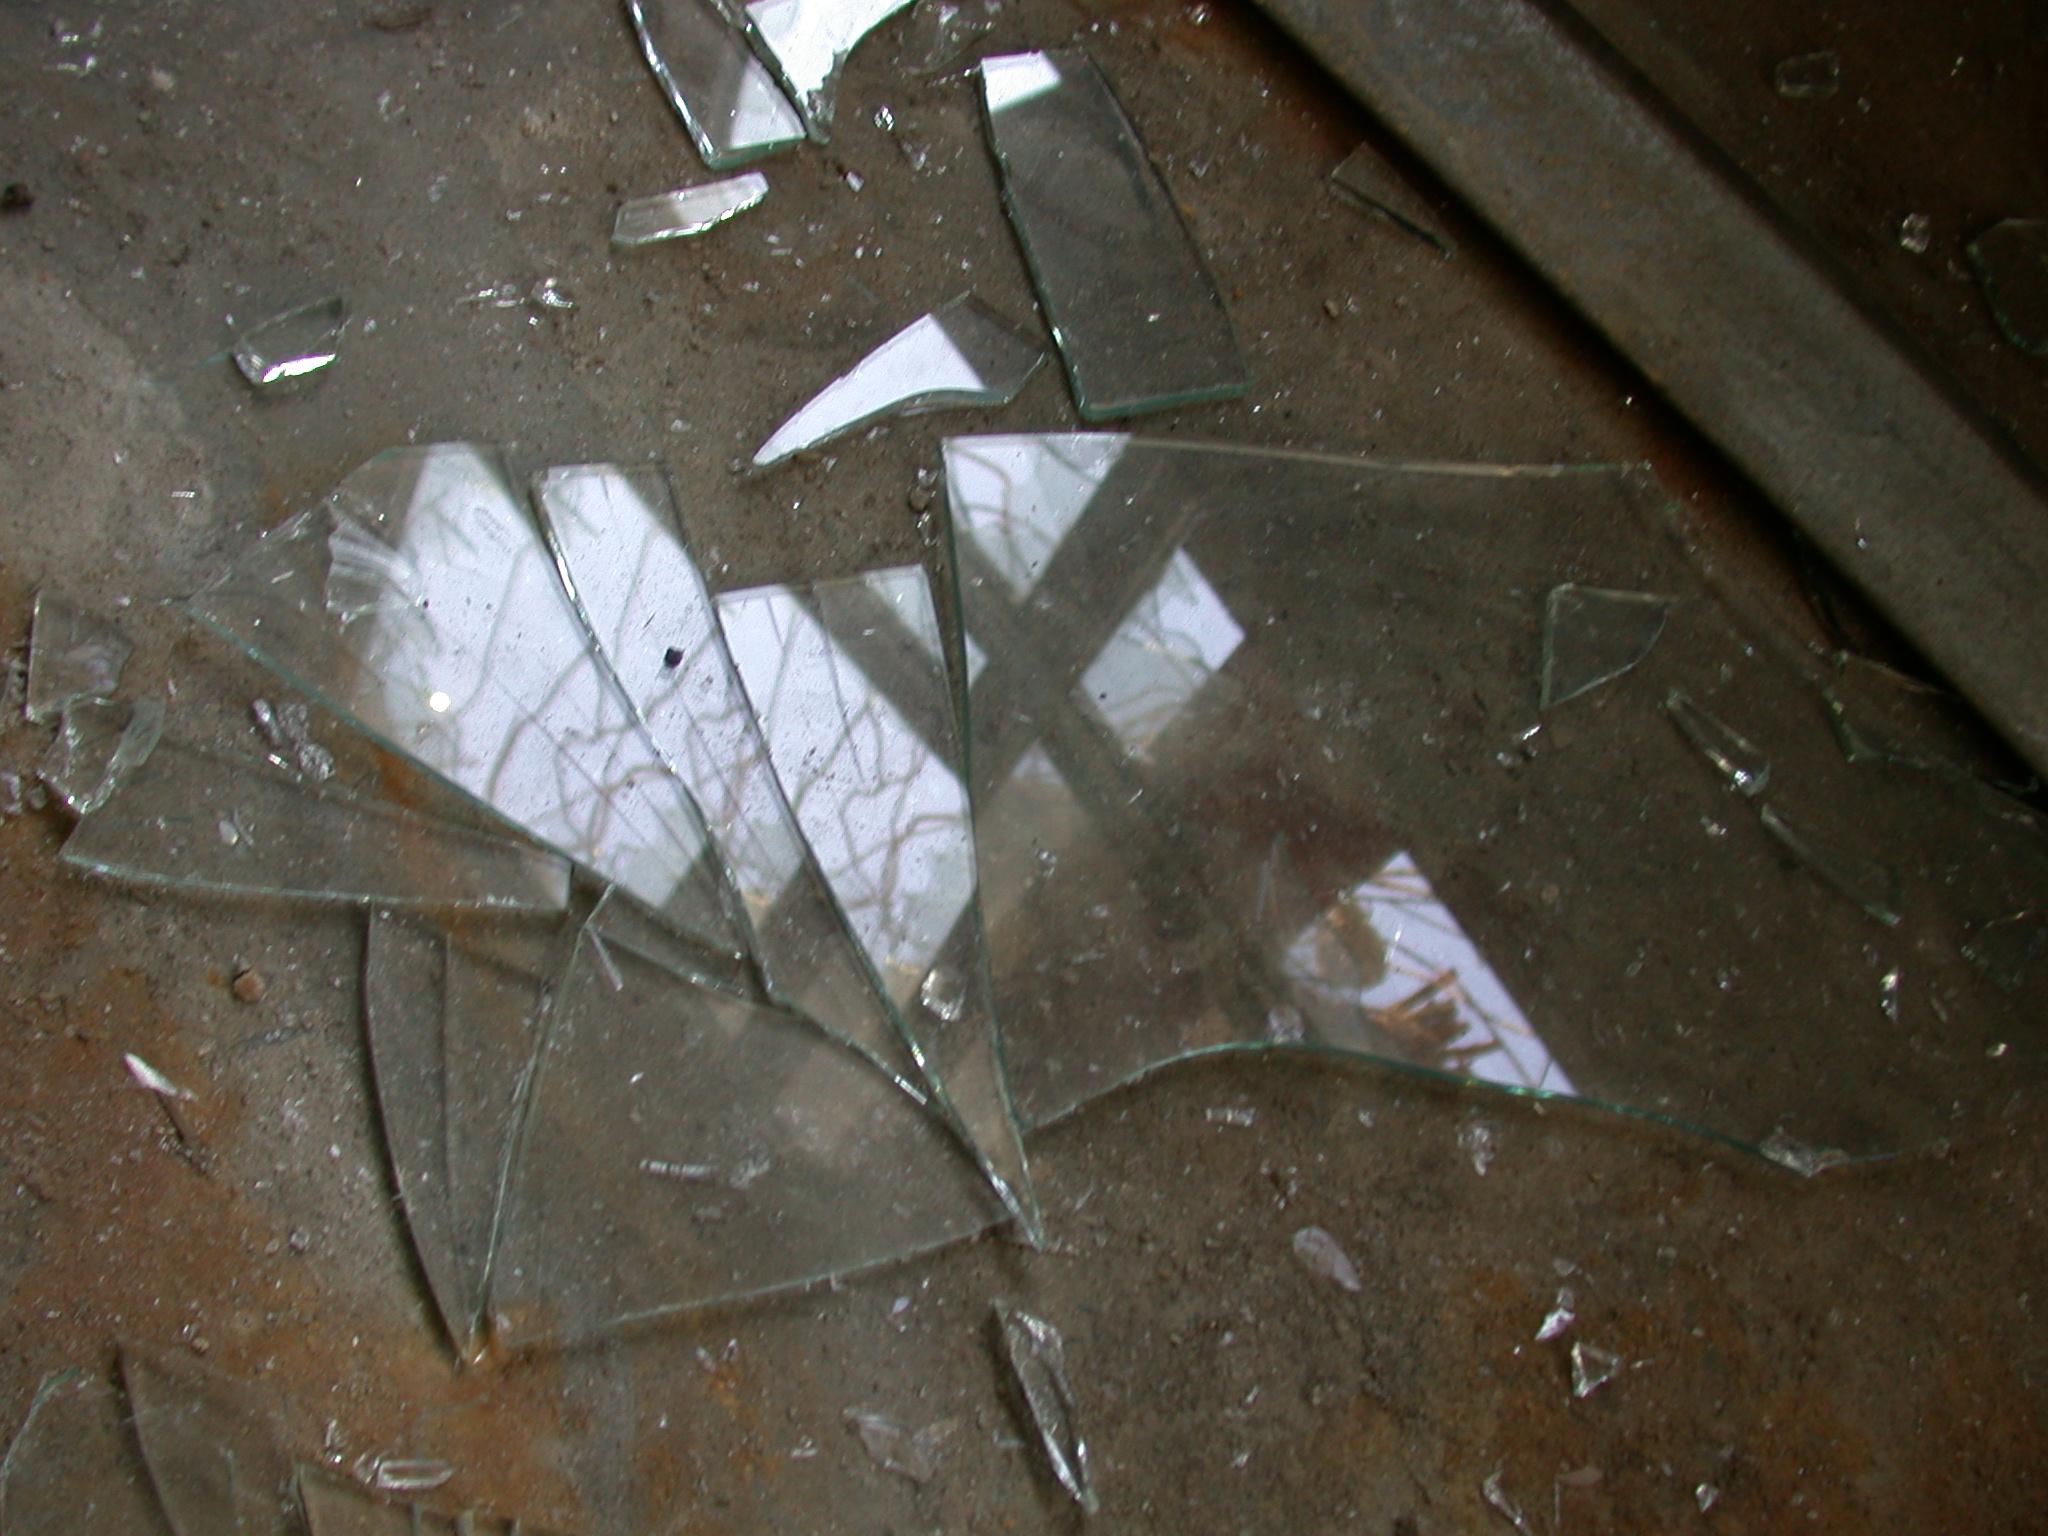 broken shards of glass on floor smashed fragments